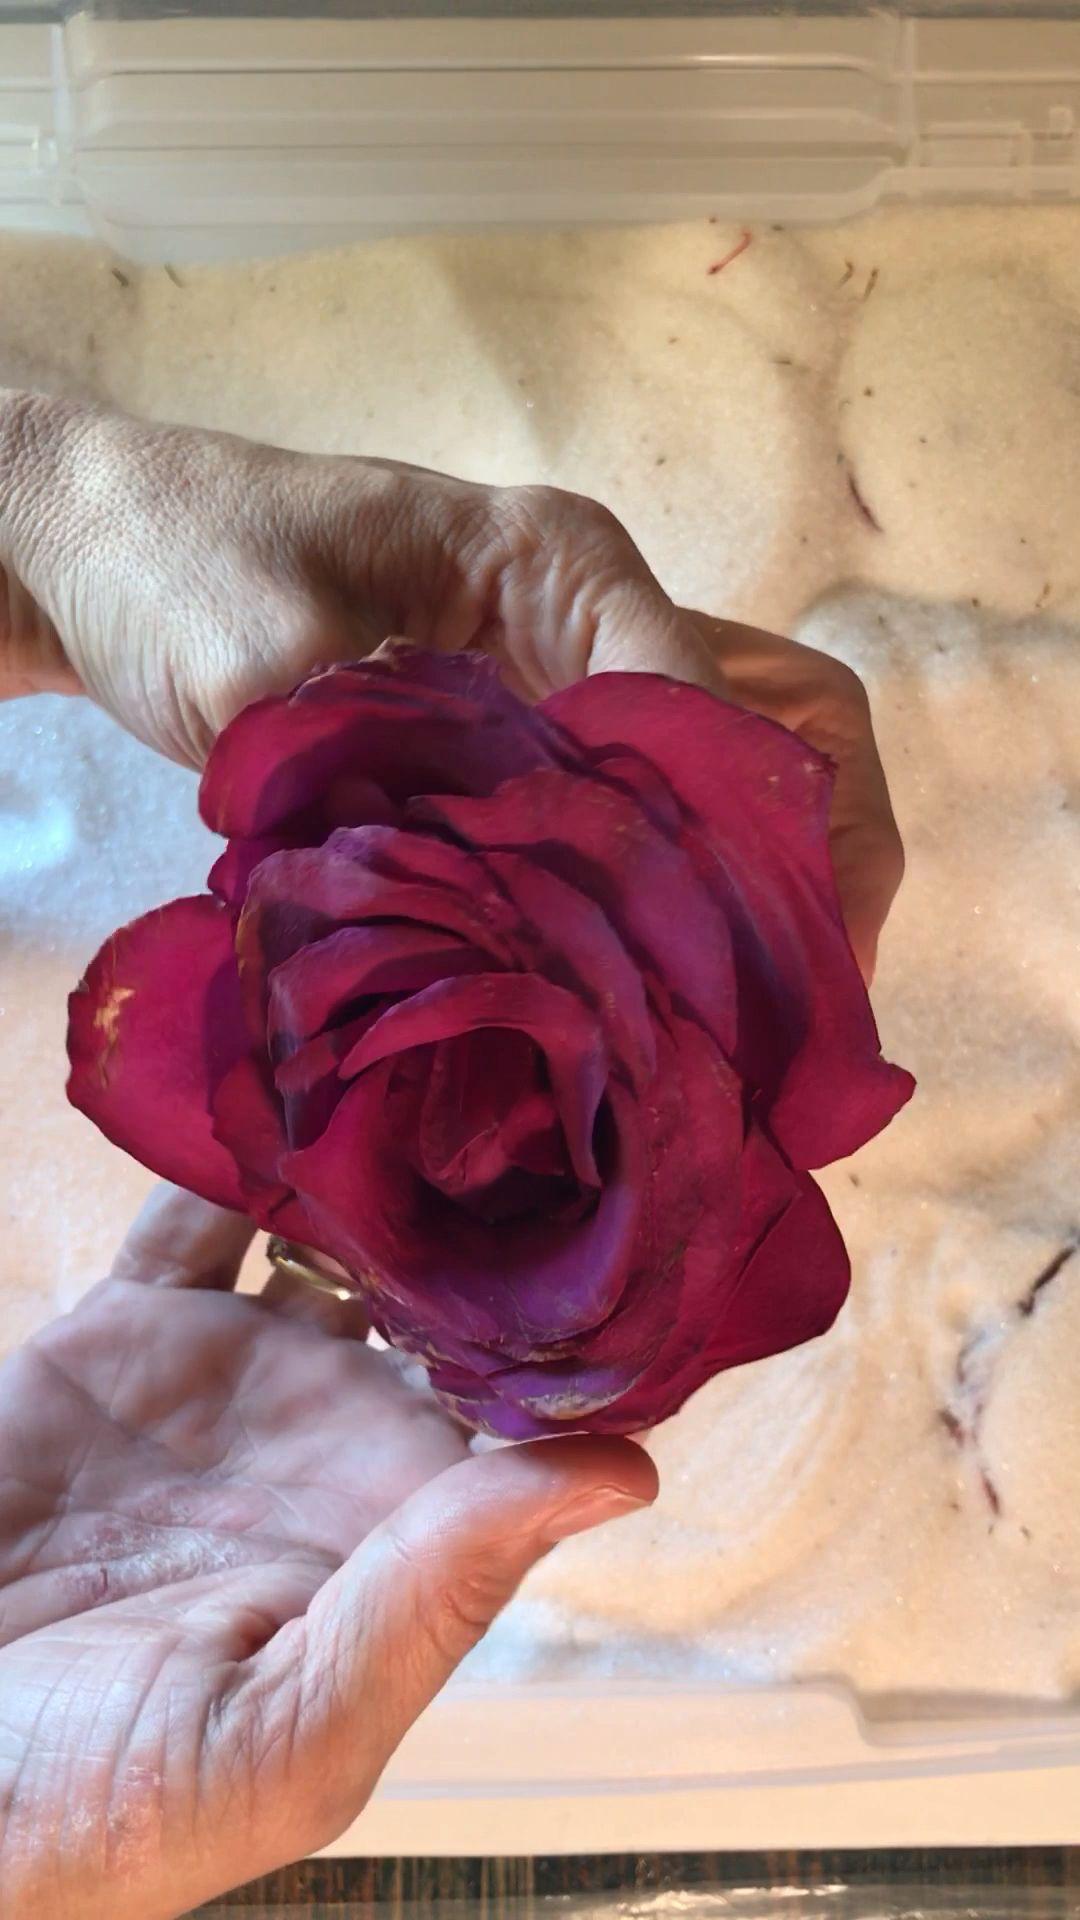 #flowers  #driedflowers  #roses #flowerpreservation